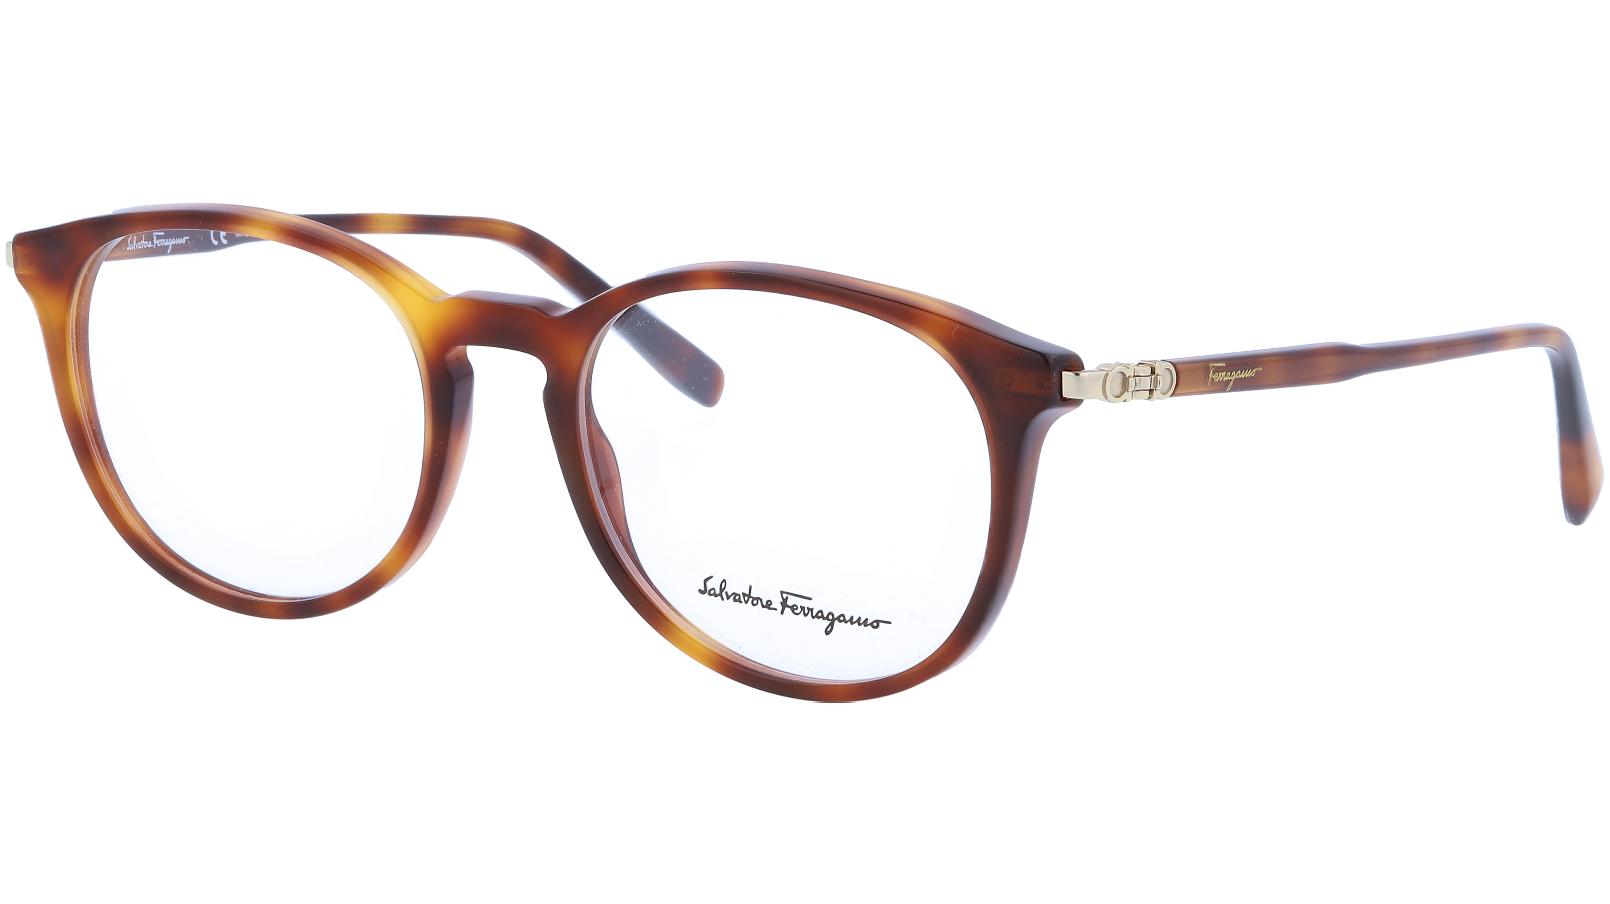 SALVATORE FERRAGAMO SF2823 214 51 TORTOISE Glasses